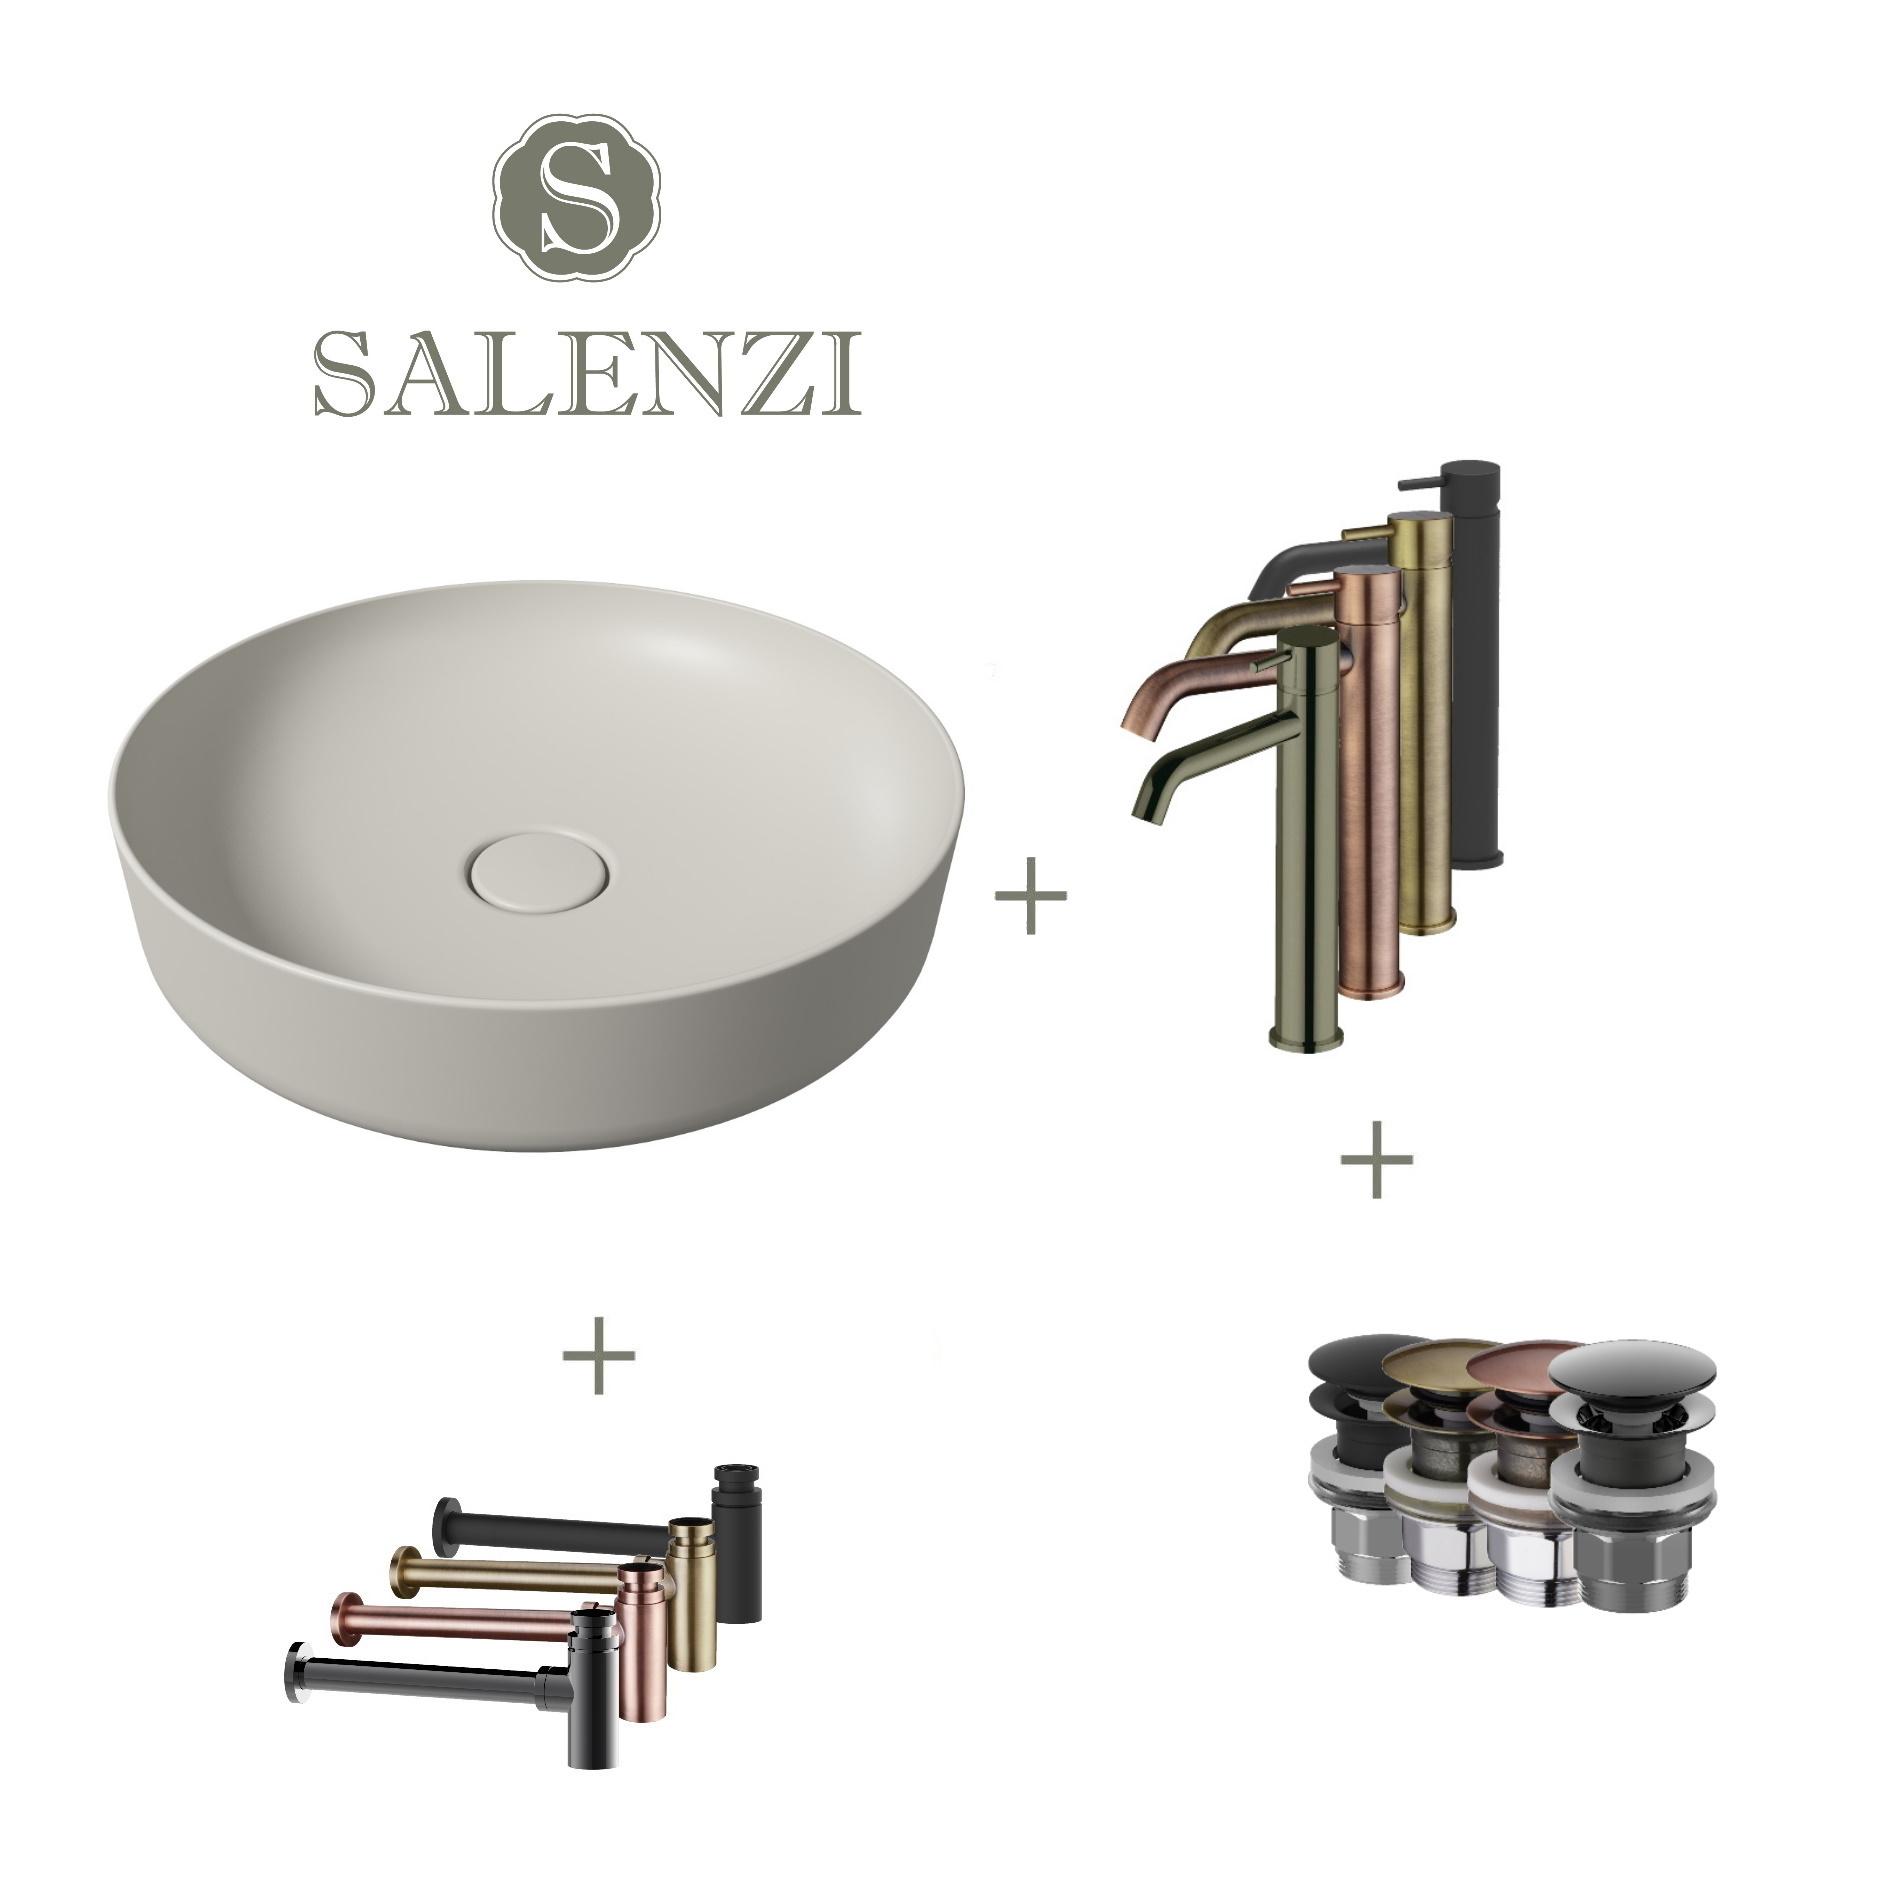 Salenzi Waskomset Form 45x12 cm Incl Hoge Kraan Mat Grijs